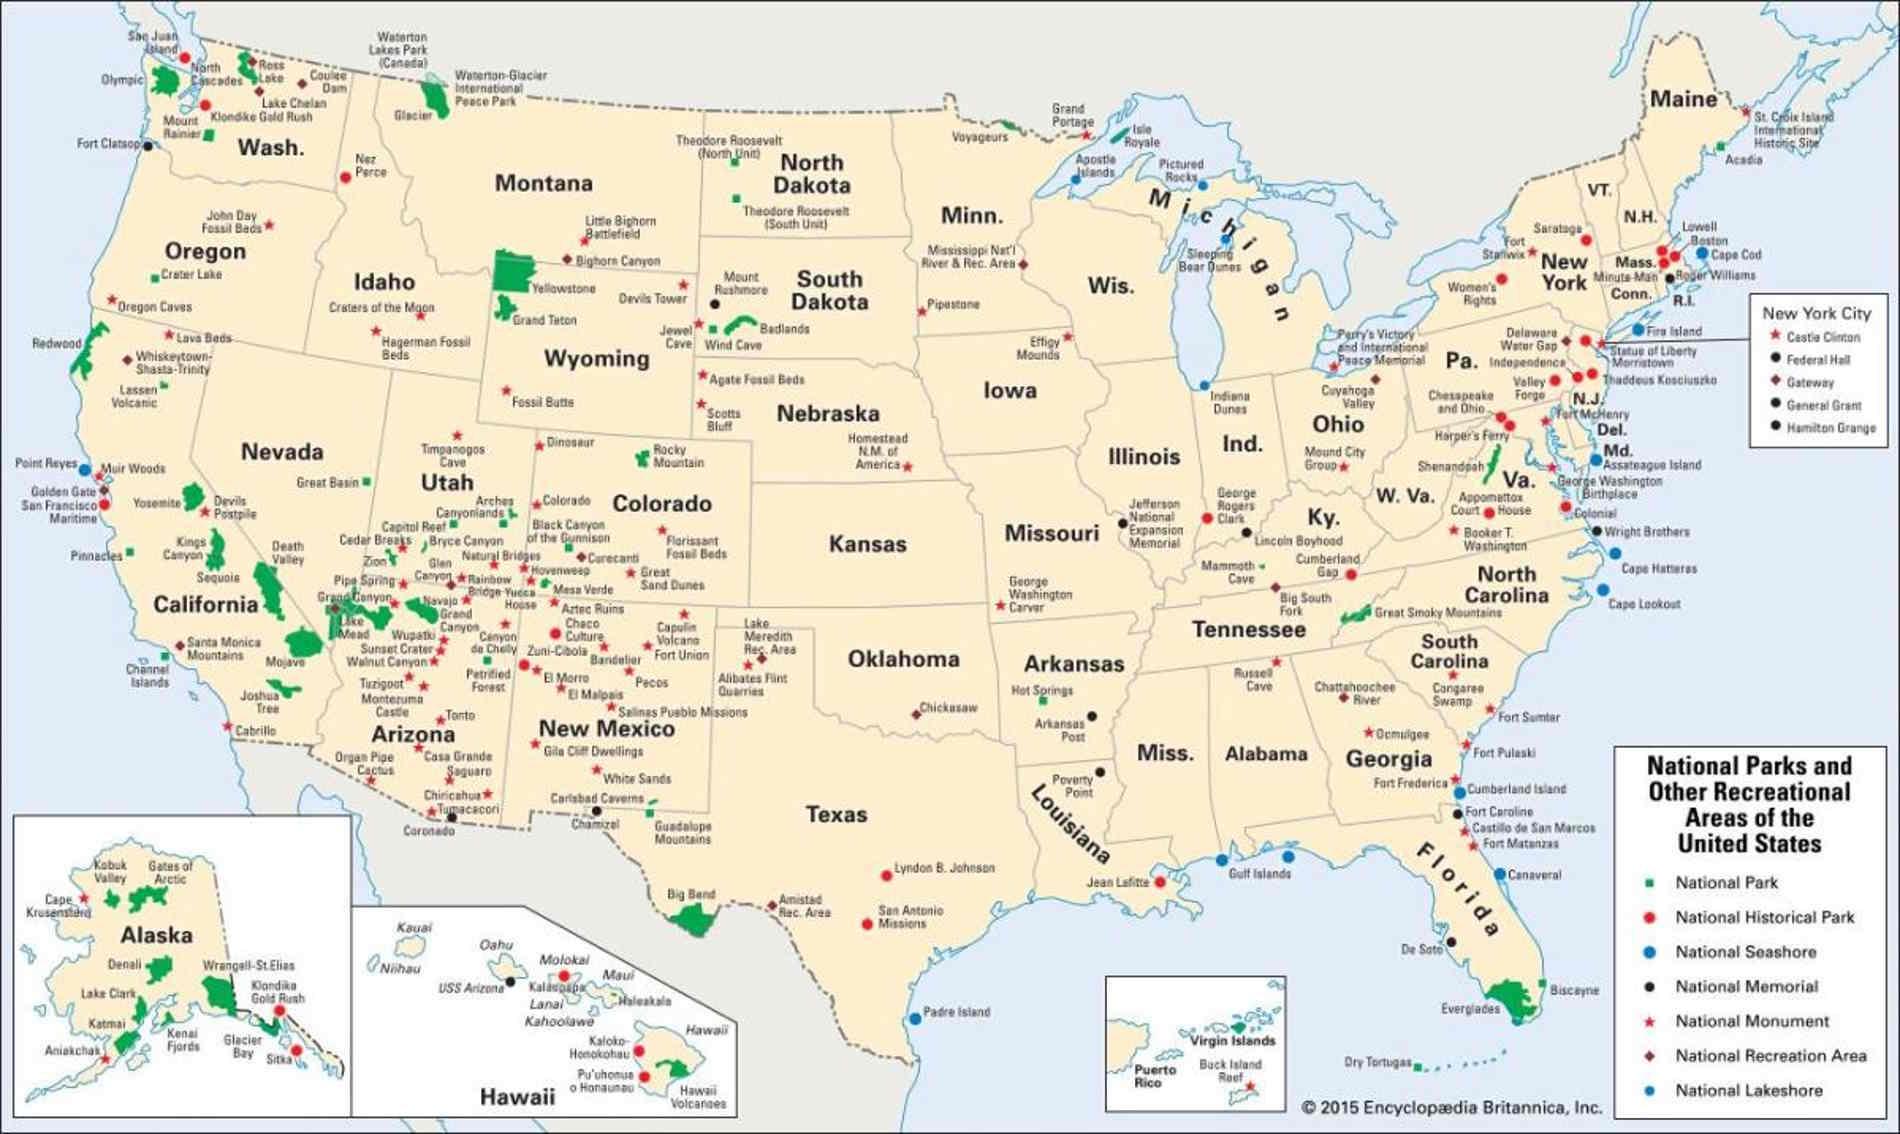 Mappa dei Parchi Nazionali Americani U.S.A. Stati Uniti d'America